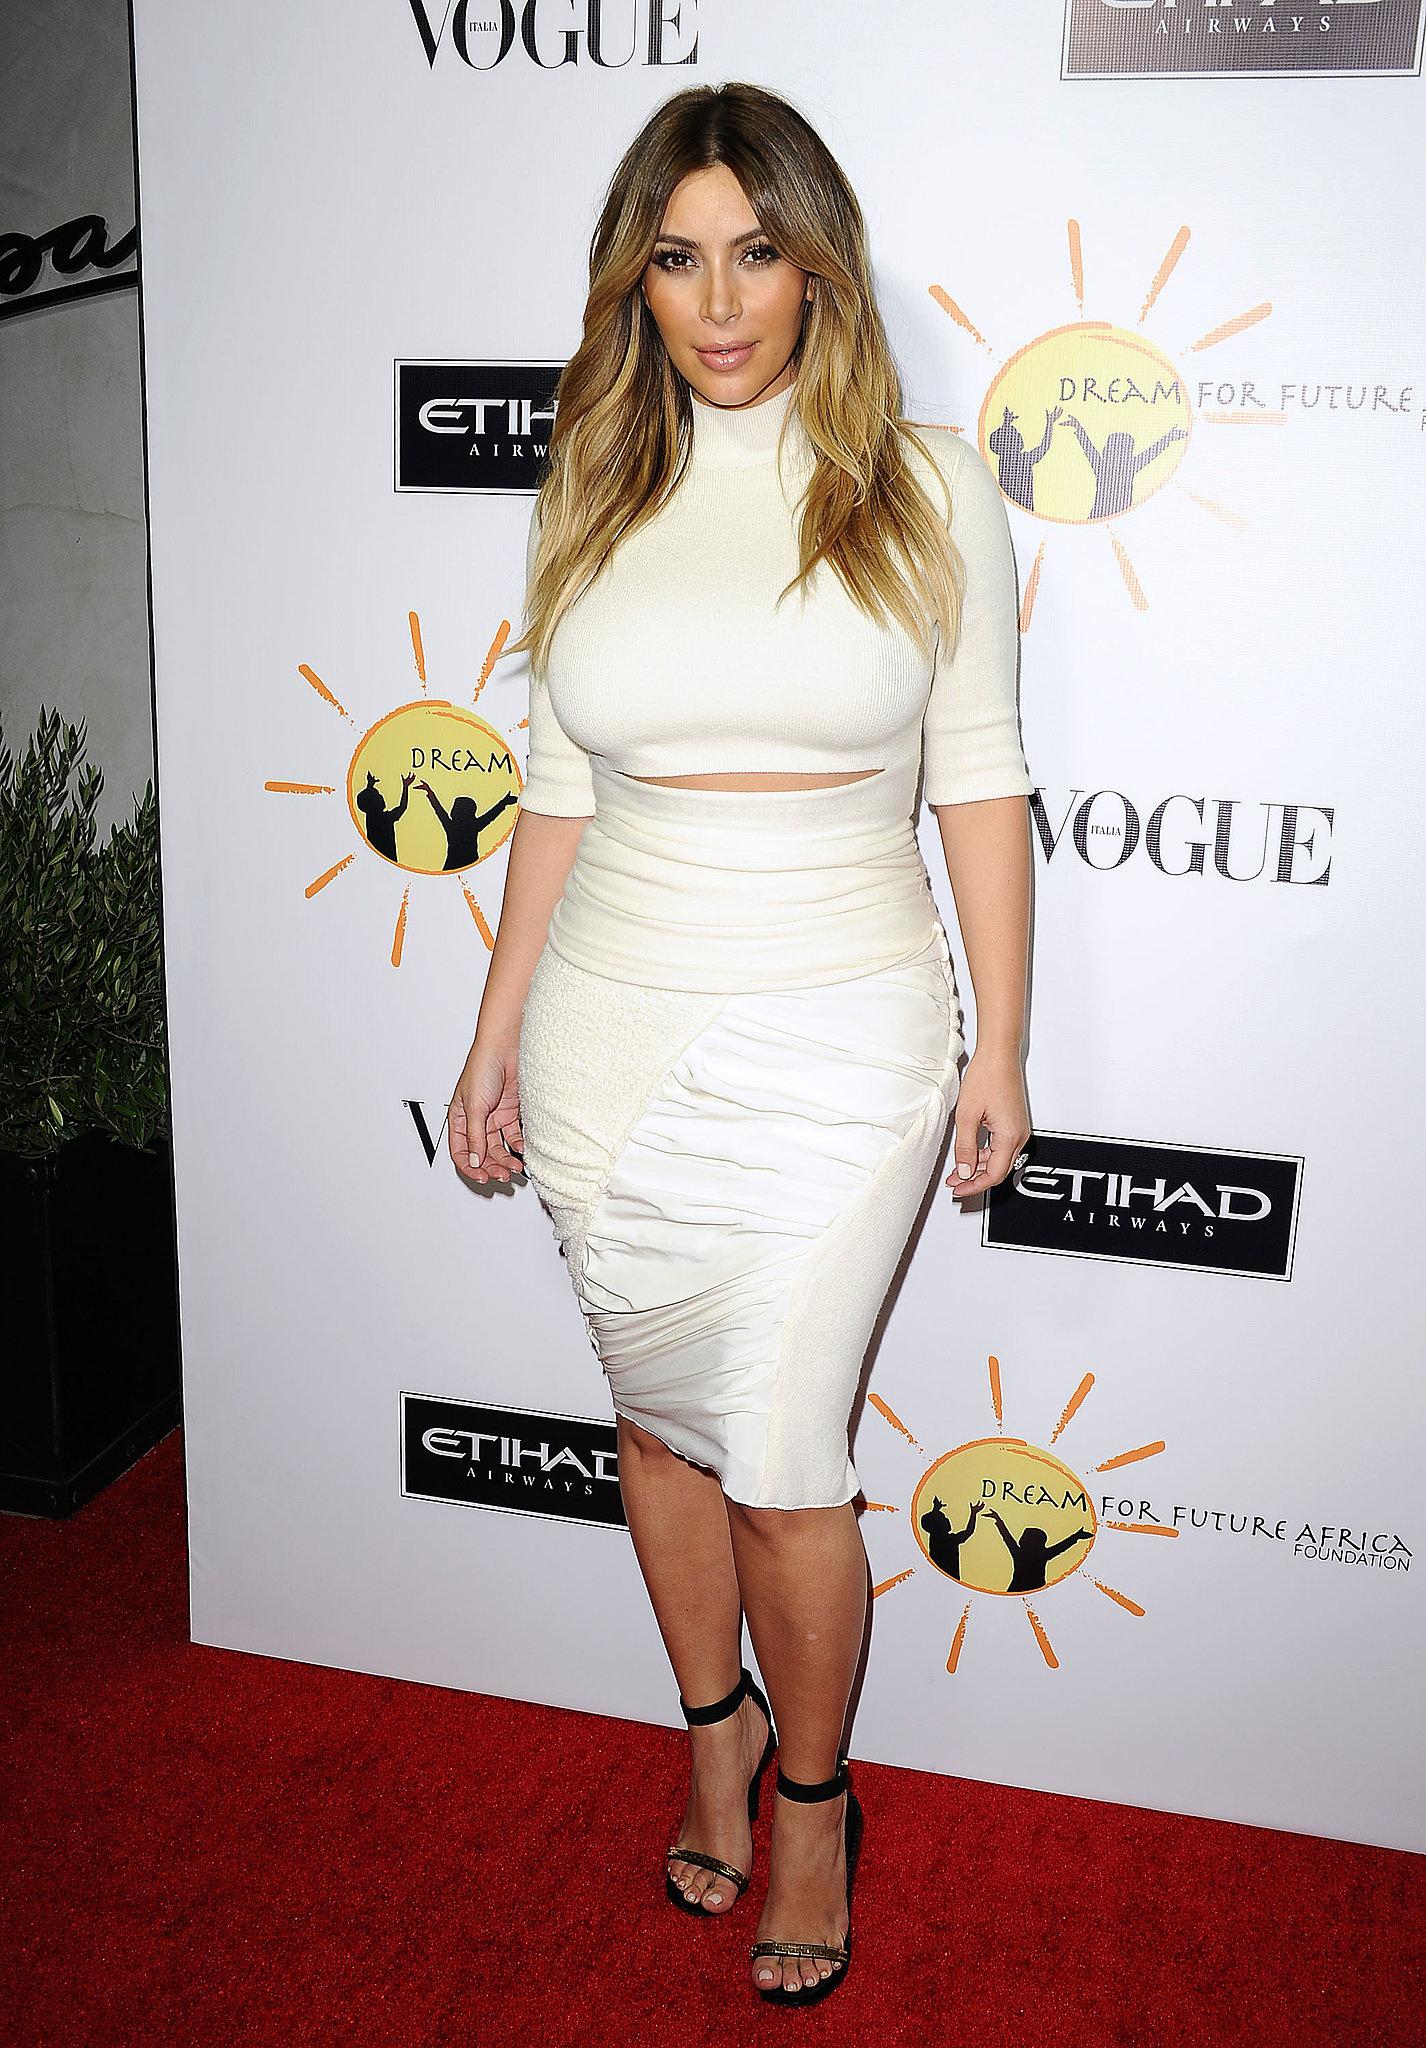 Only Kim Kardashian Wears Stilettos to the Movies